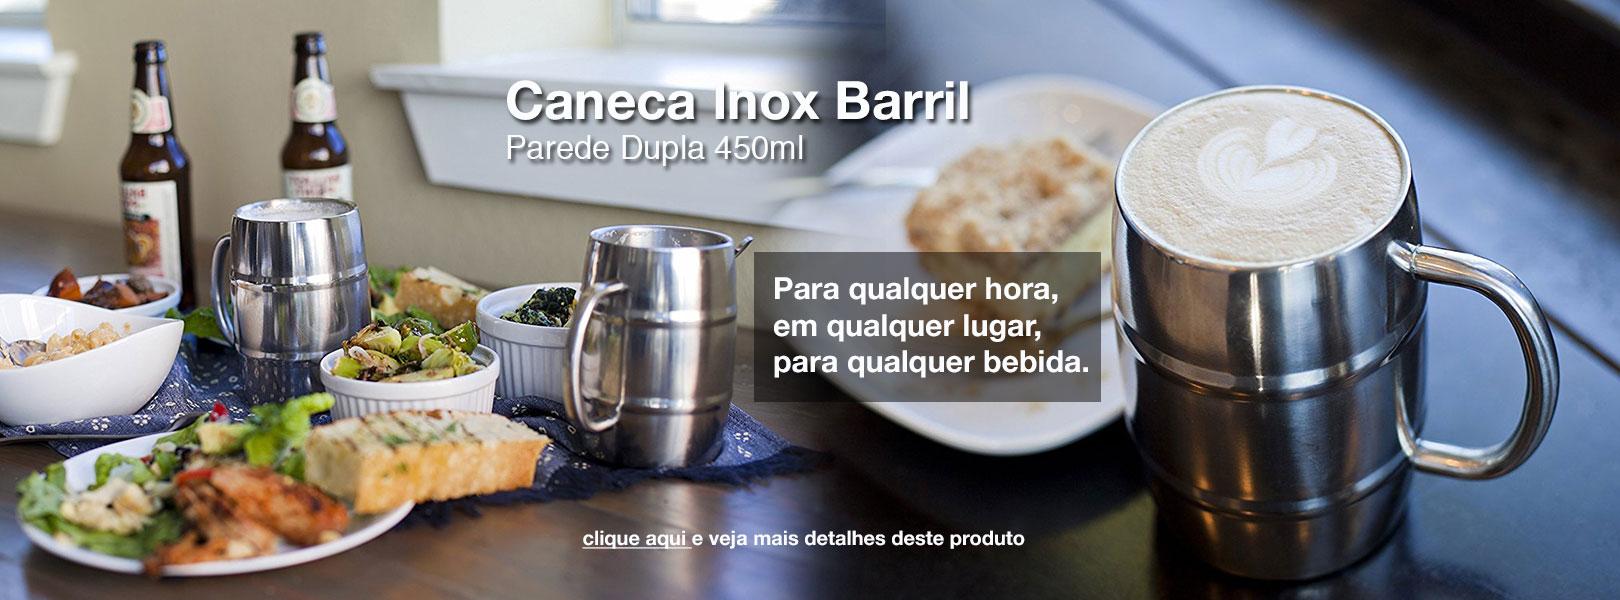 Caneca Barril Inox Parede Dupla 450ml Inove Go